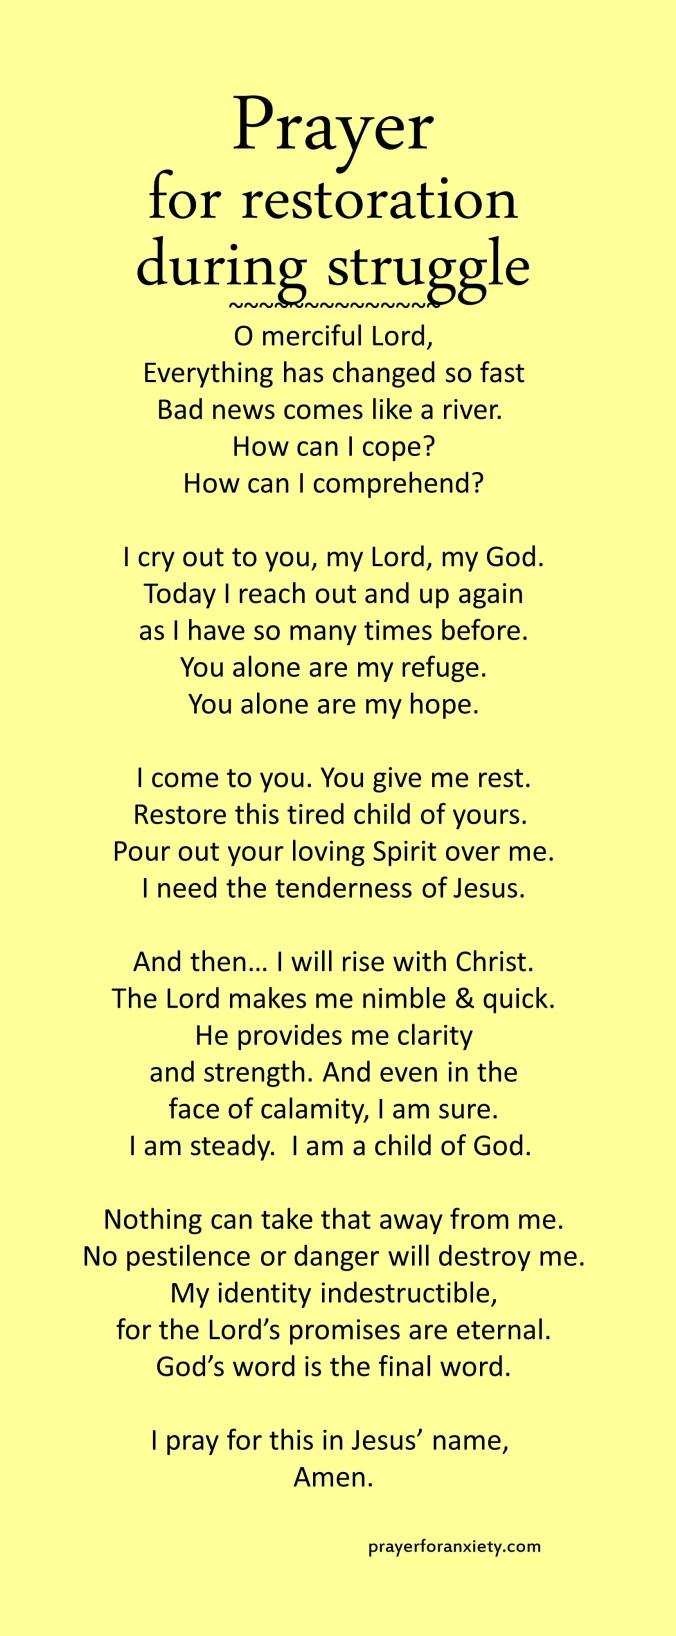 Prayer for restoration during struggle